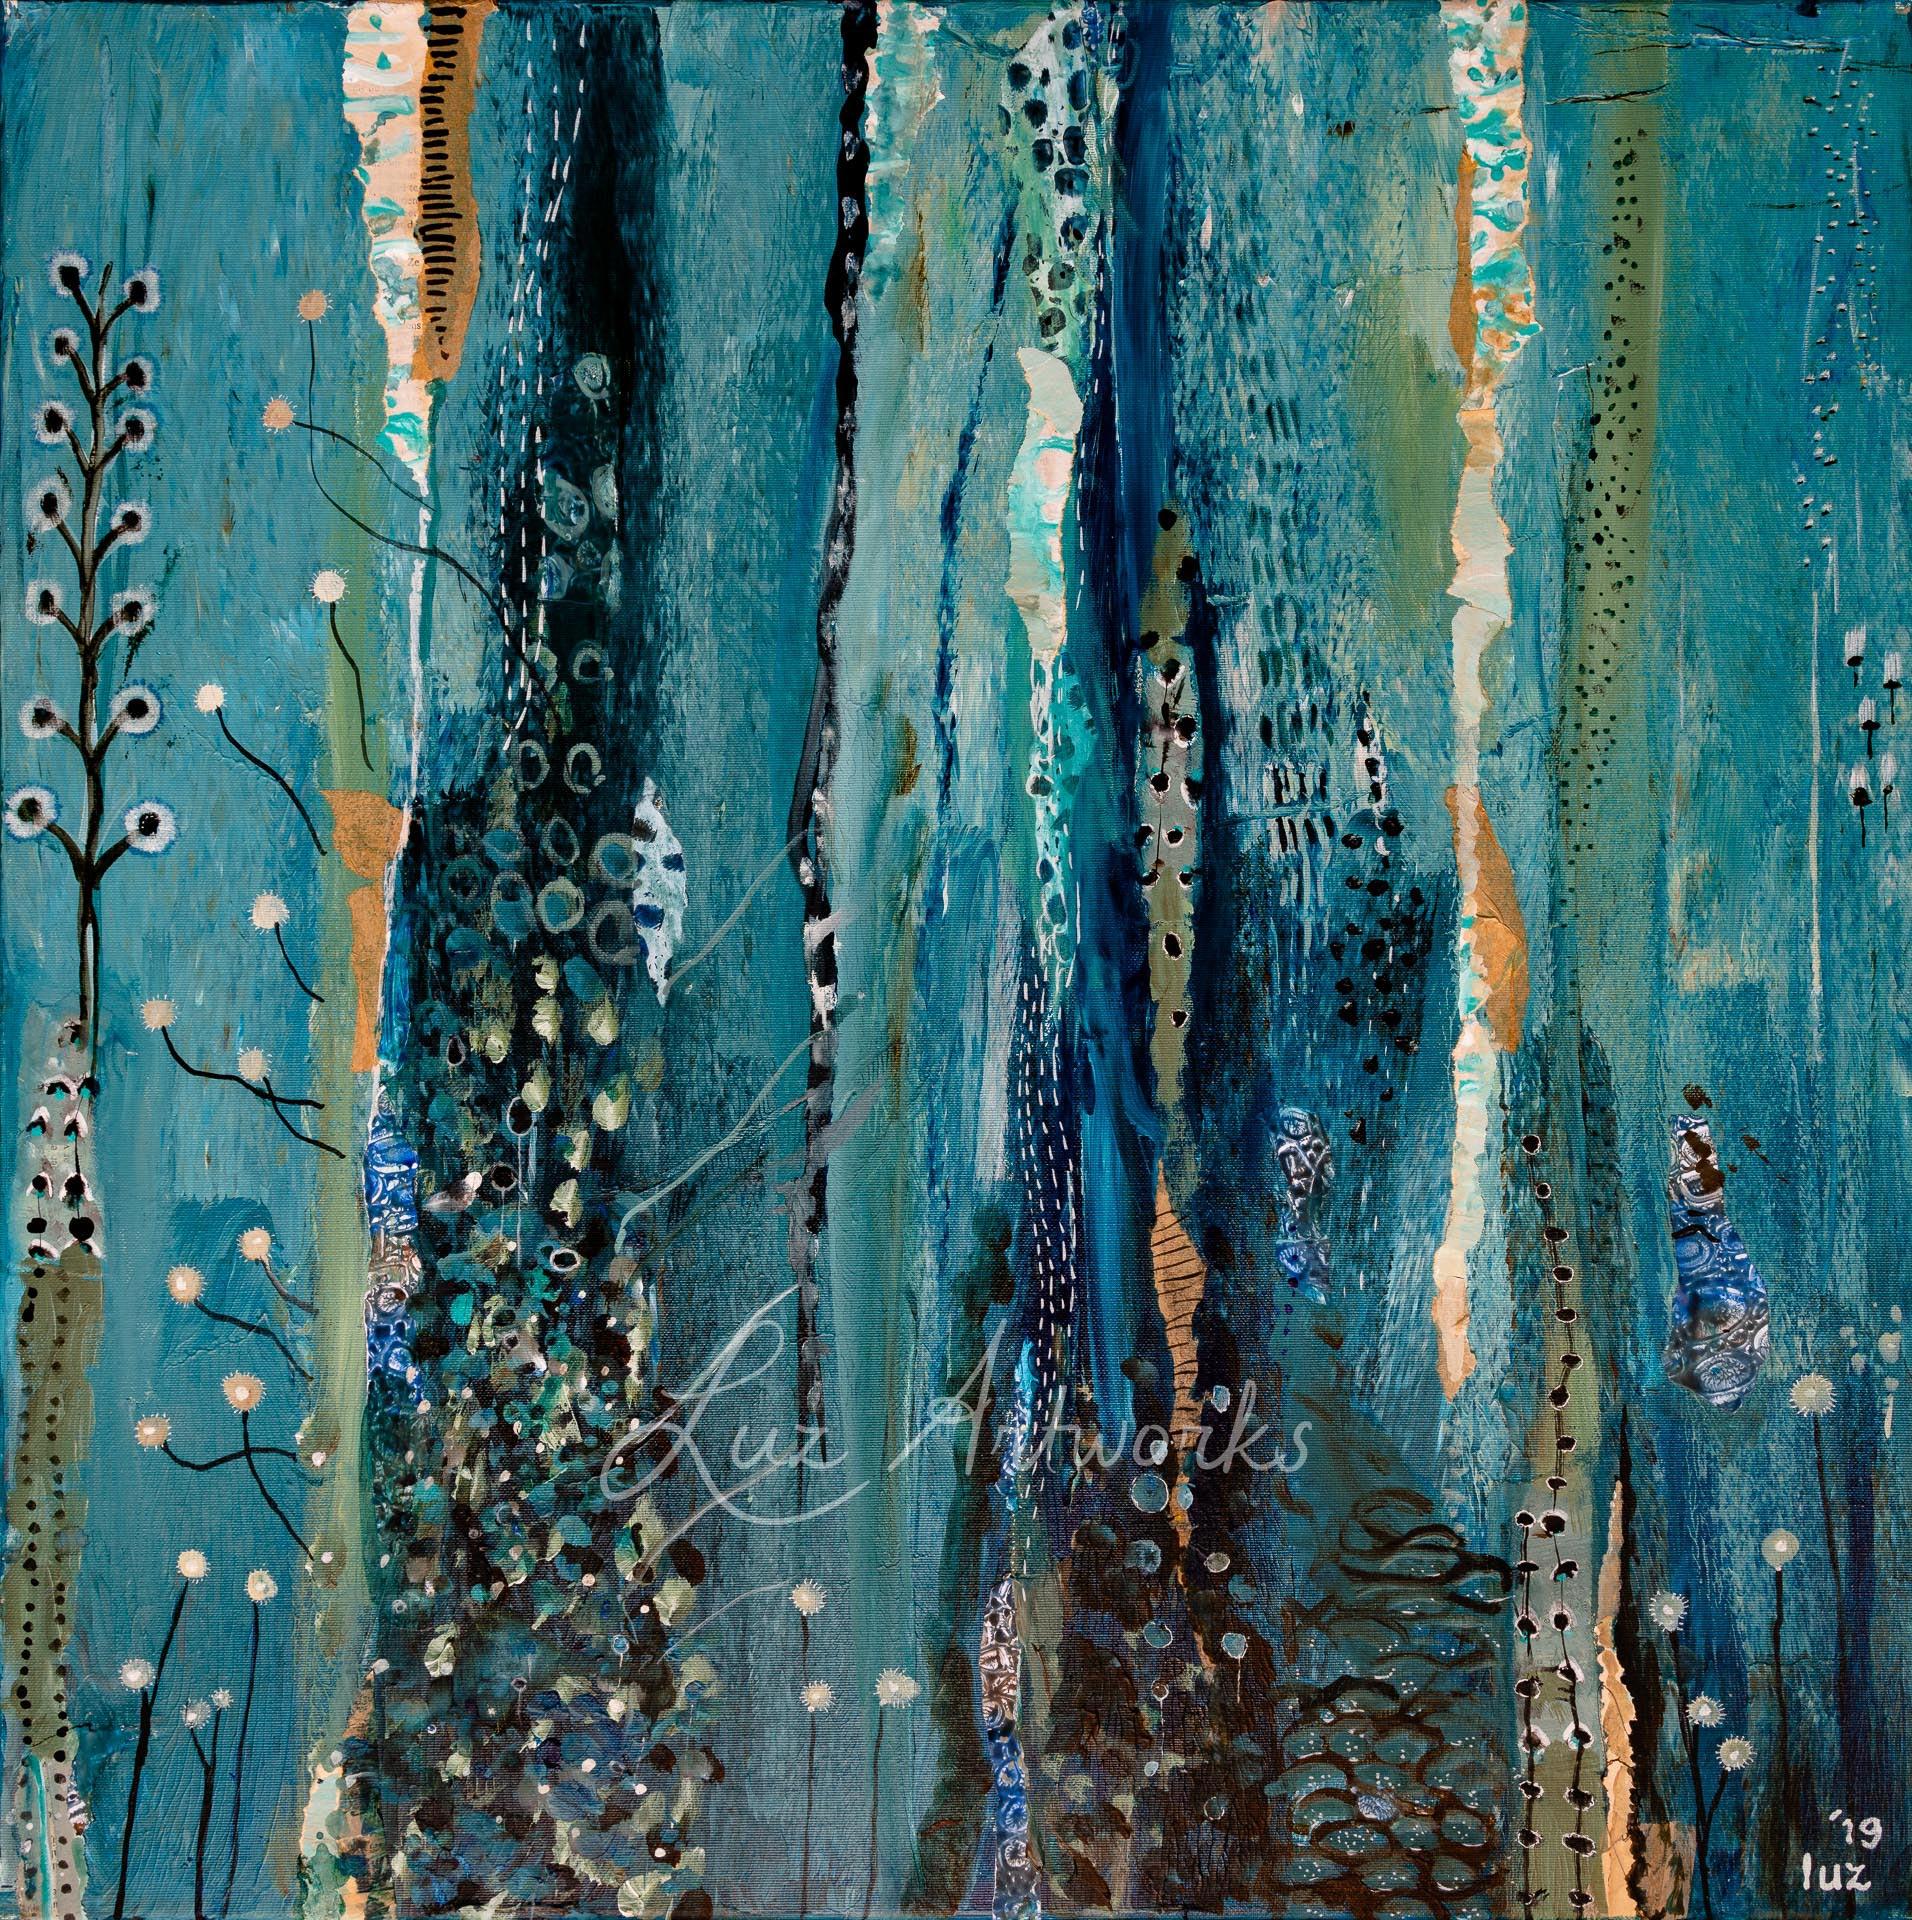 Deze afbeelding laat het schilderij 'Flowers' van Marloes Bloedjes zien.